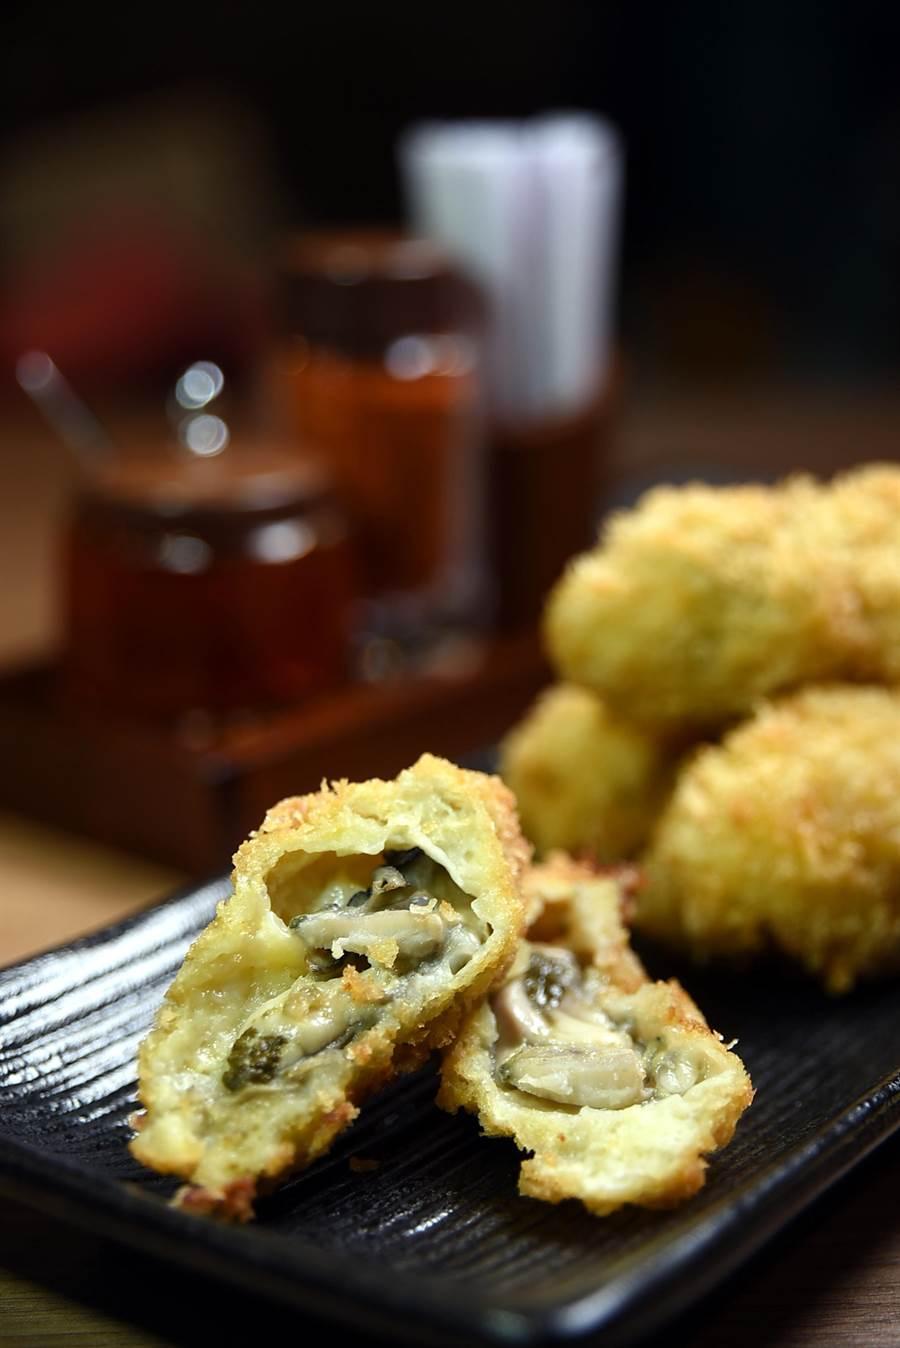 酥炸〈廣島牡蠣〉是將清甜的廣島生蠔沾麵衣裹炸,可單點,也可以搭配任何主餐以套餐供應。(圖/姚舜攝)